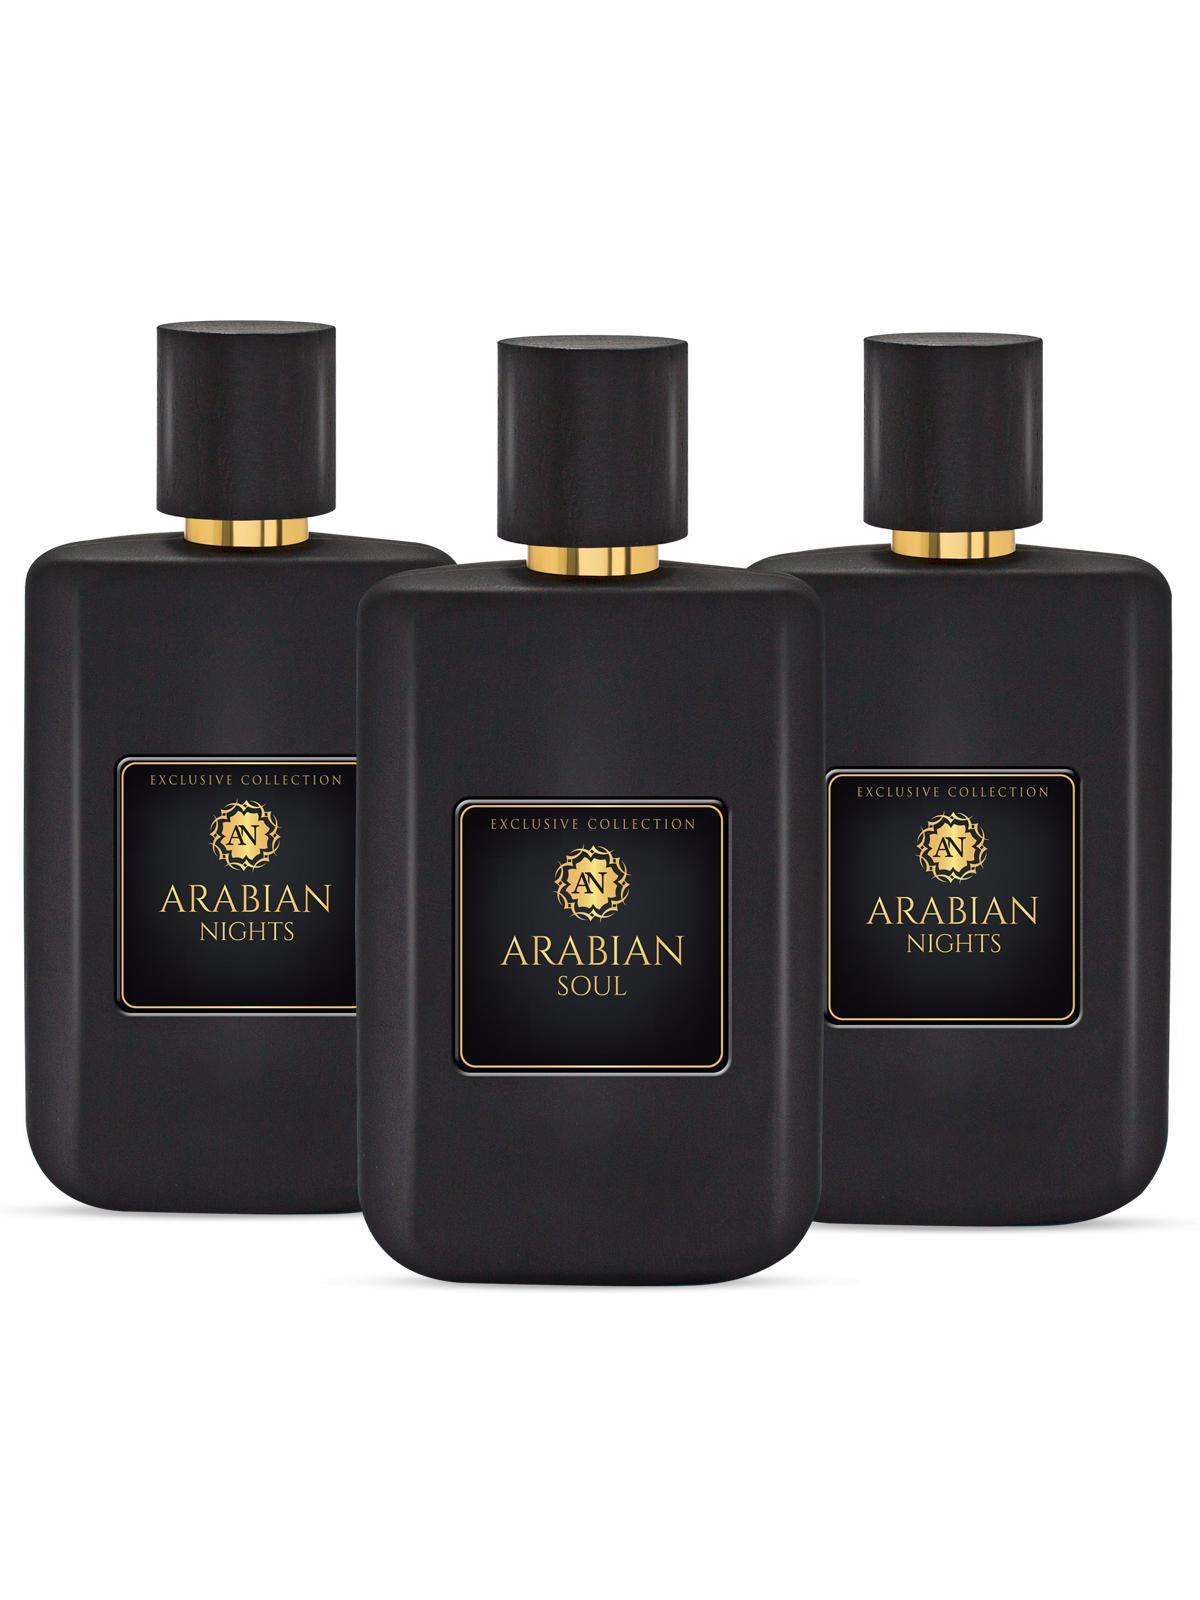 Arabian Eagle Dreams+Soul+Nights For Unisex Eau De Parfum 50ML Set